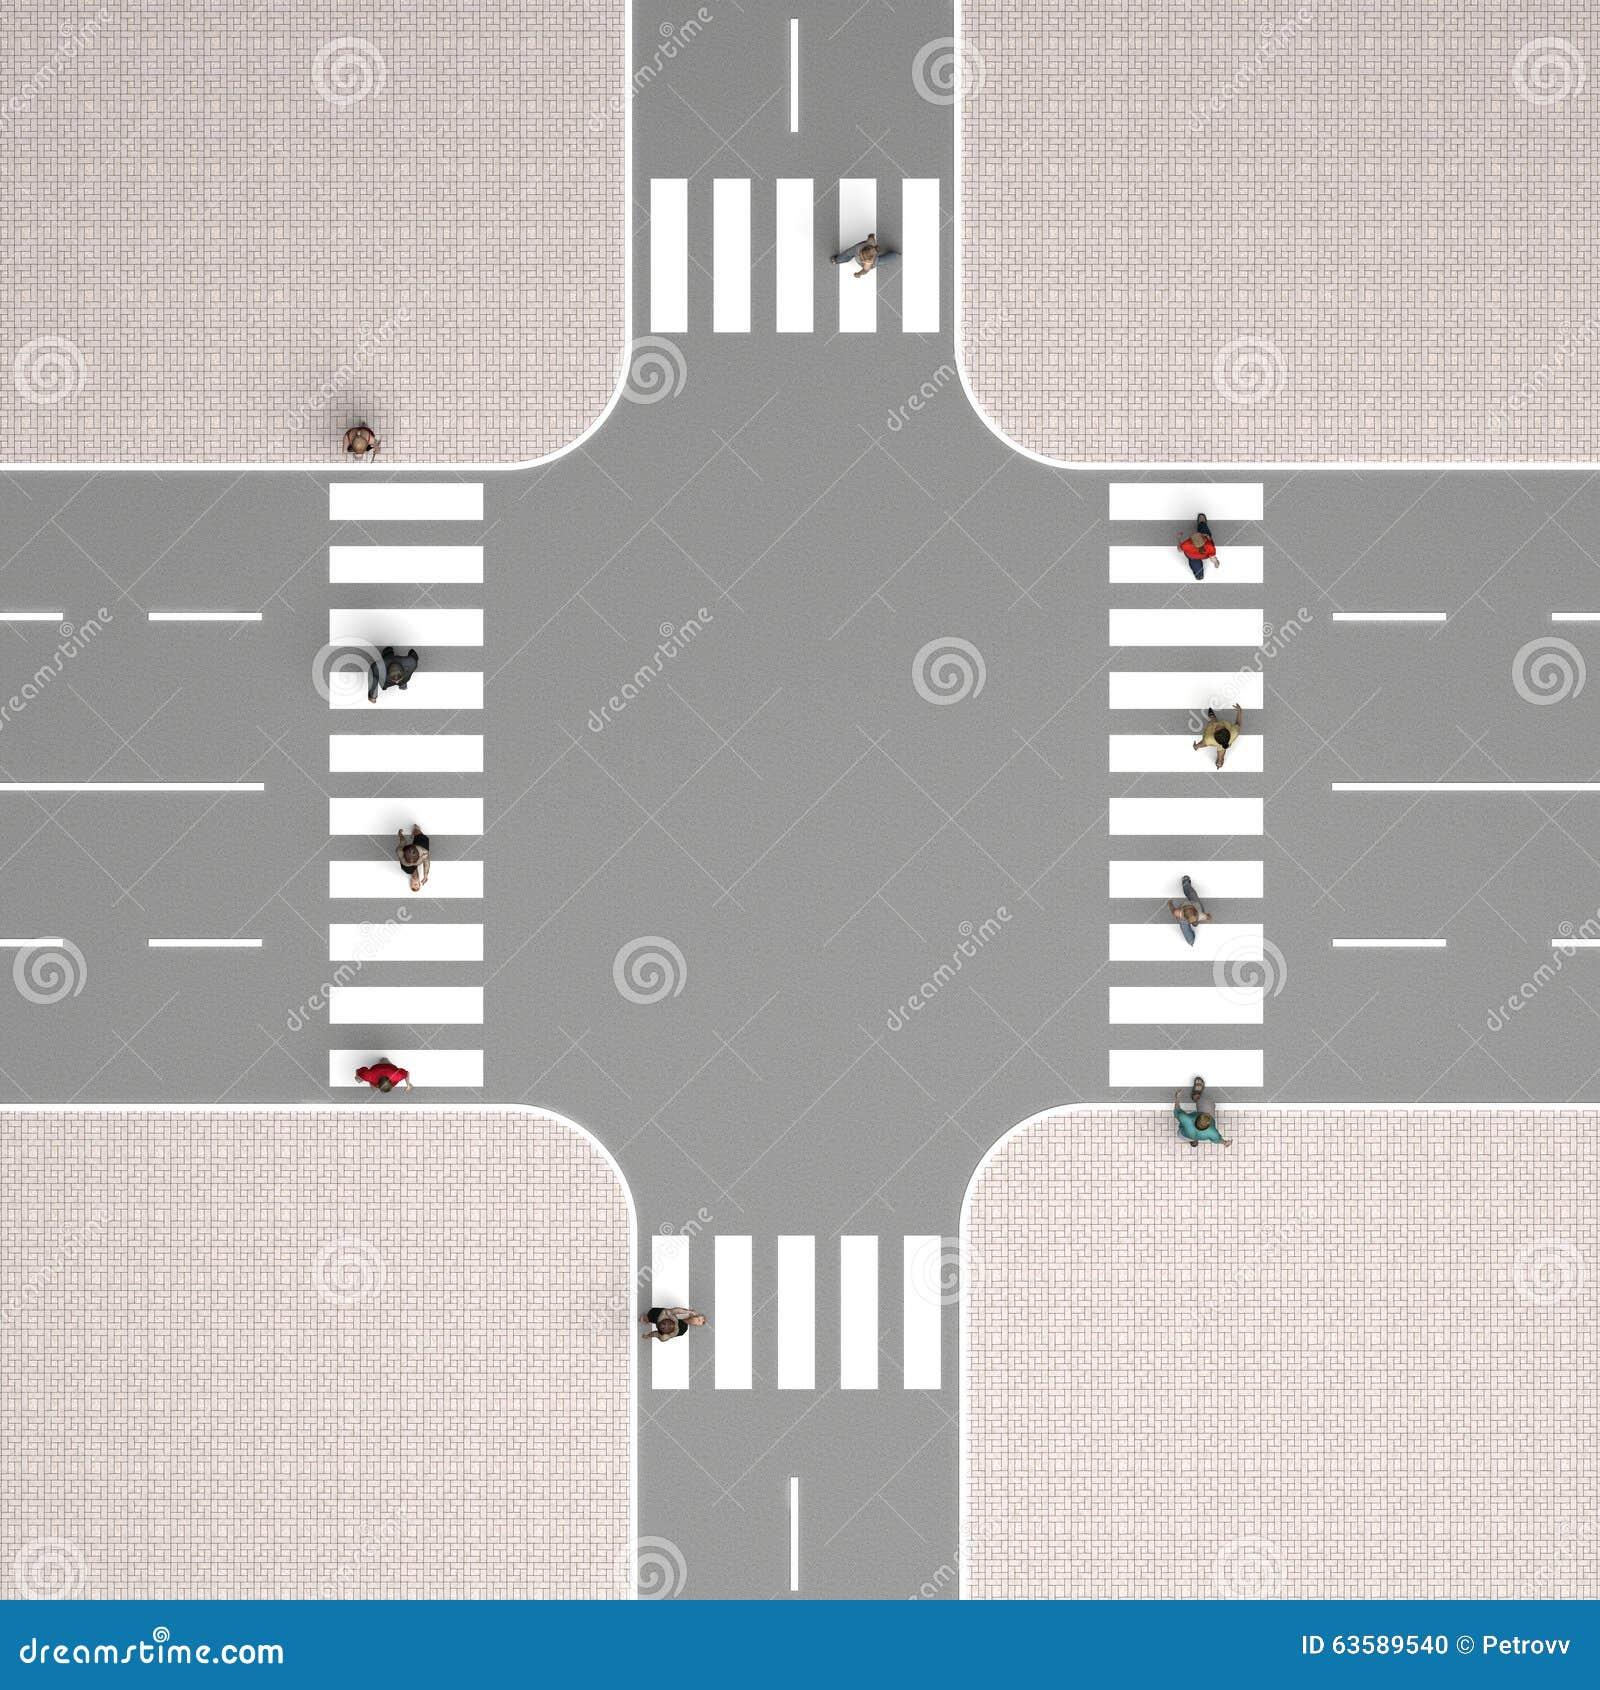 Draufsicht der Kreuzung stock abbildung. Illustration von straße ...